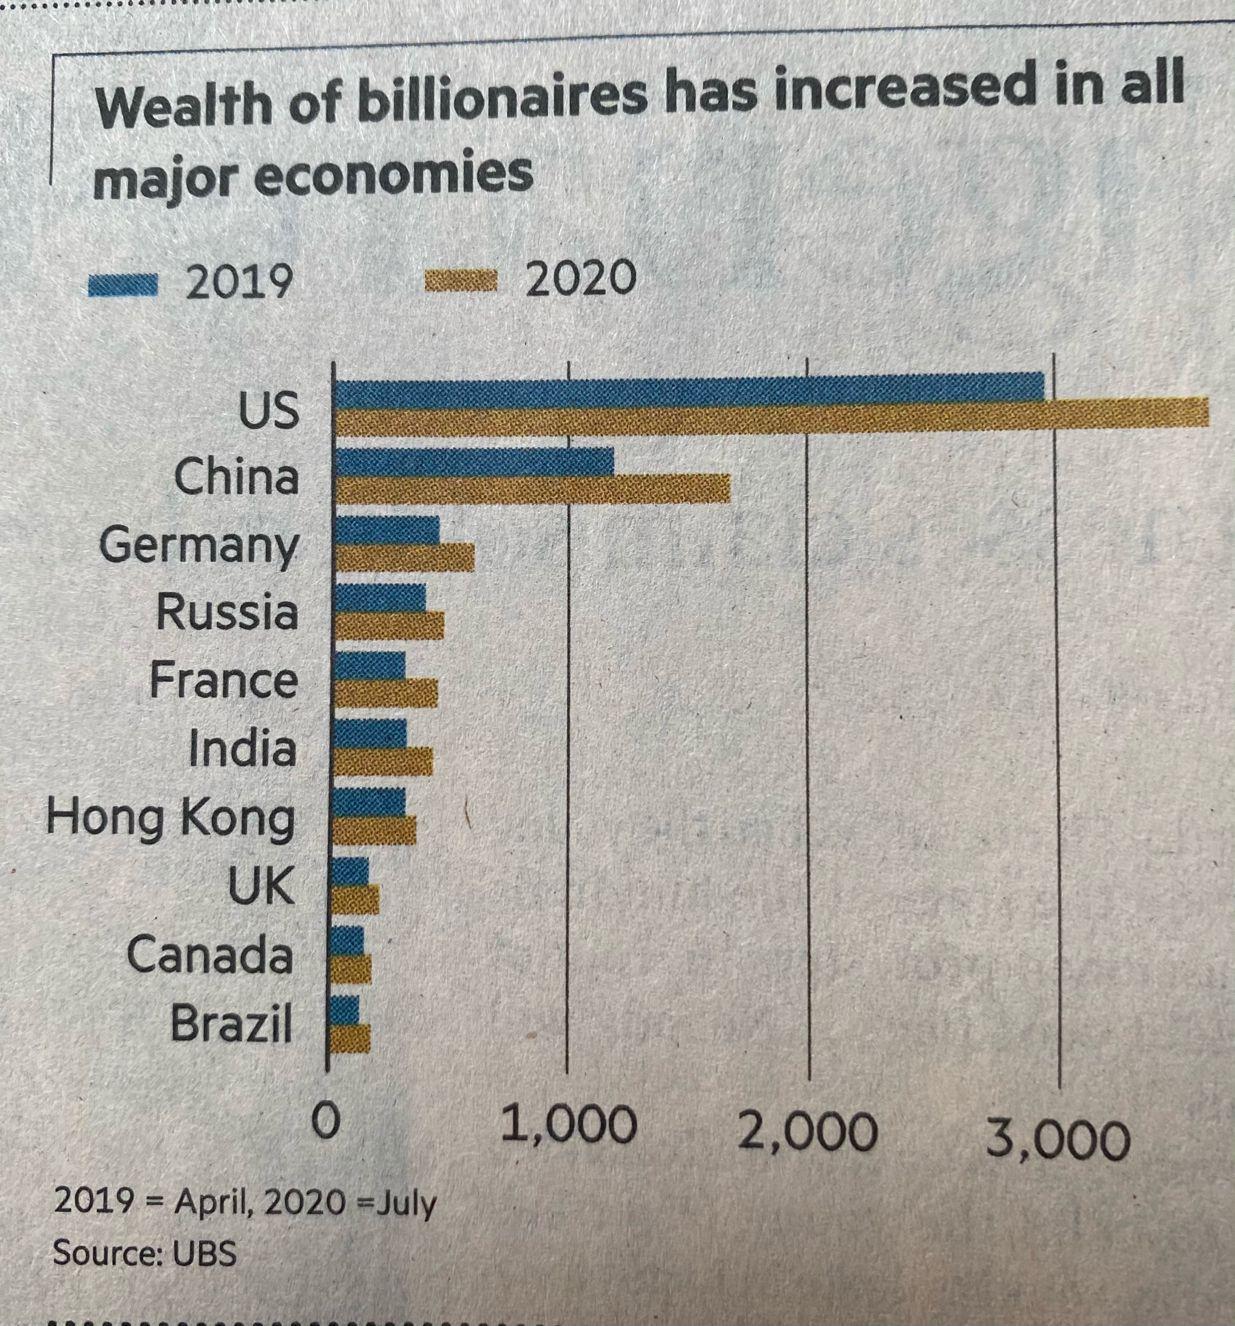 Wealth of billionaires 2020 vs. 2019